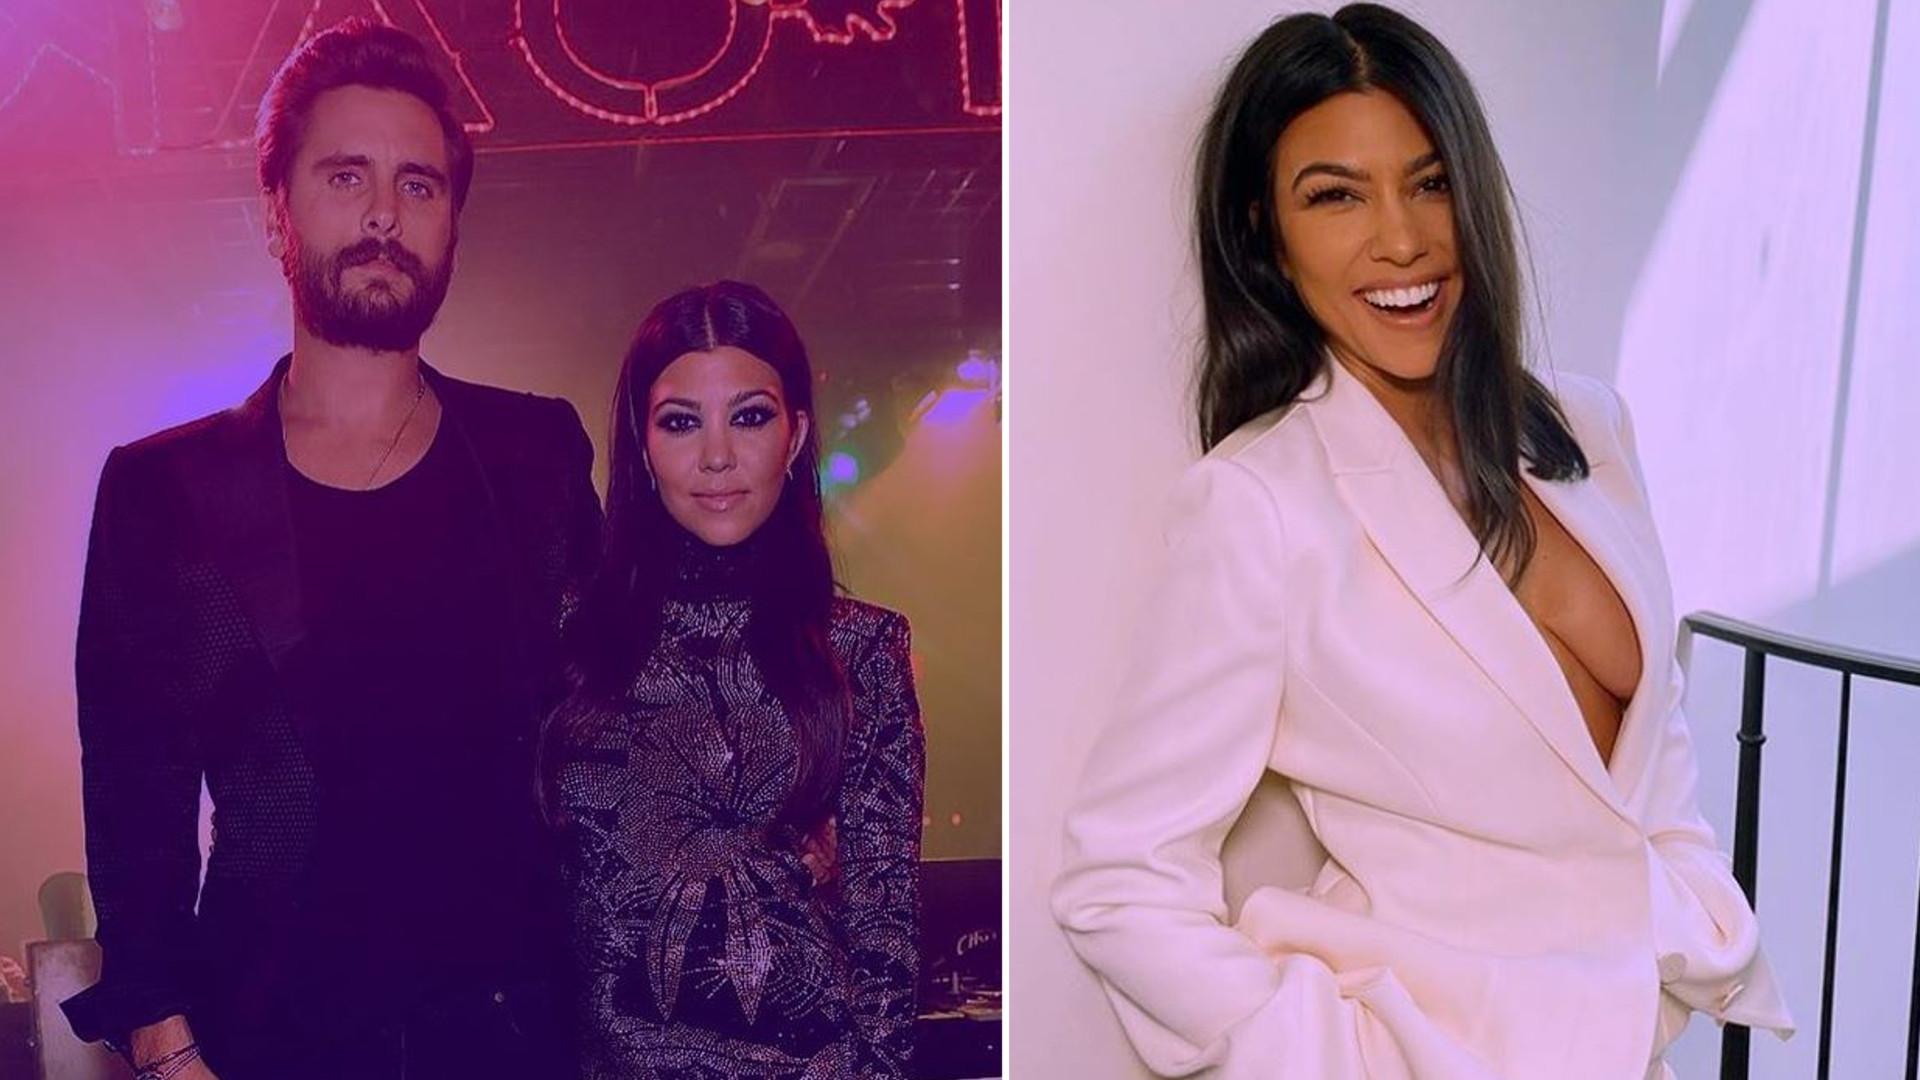 SZOK! Scott Disick chce mieć 4 dziecko z Kourtney Kardashian